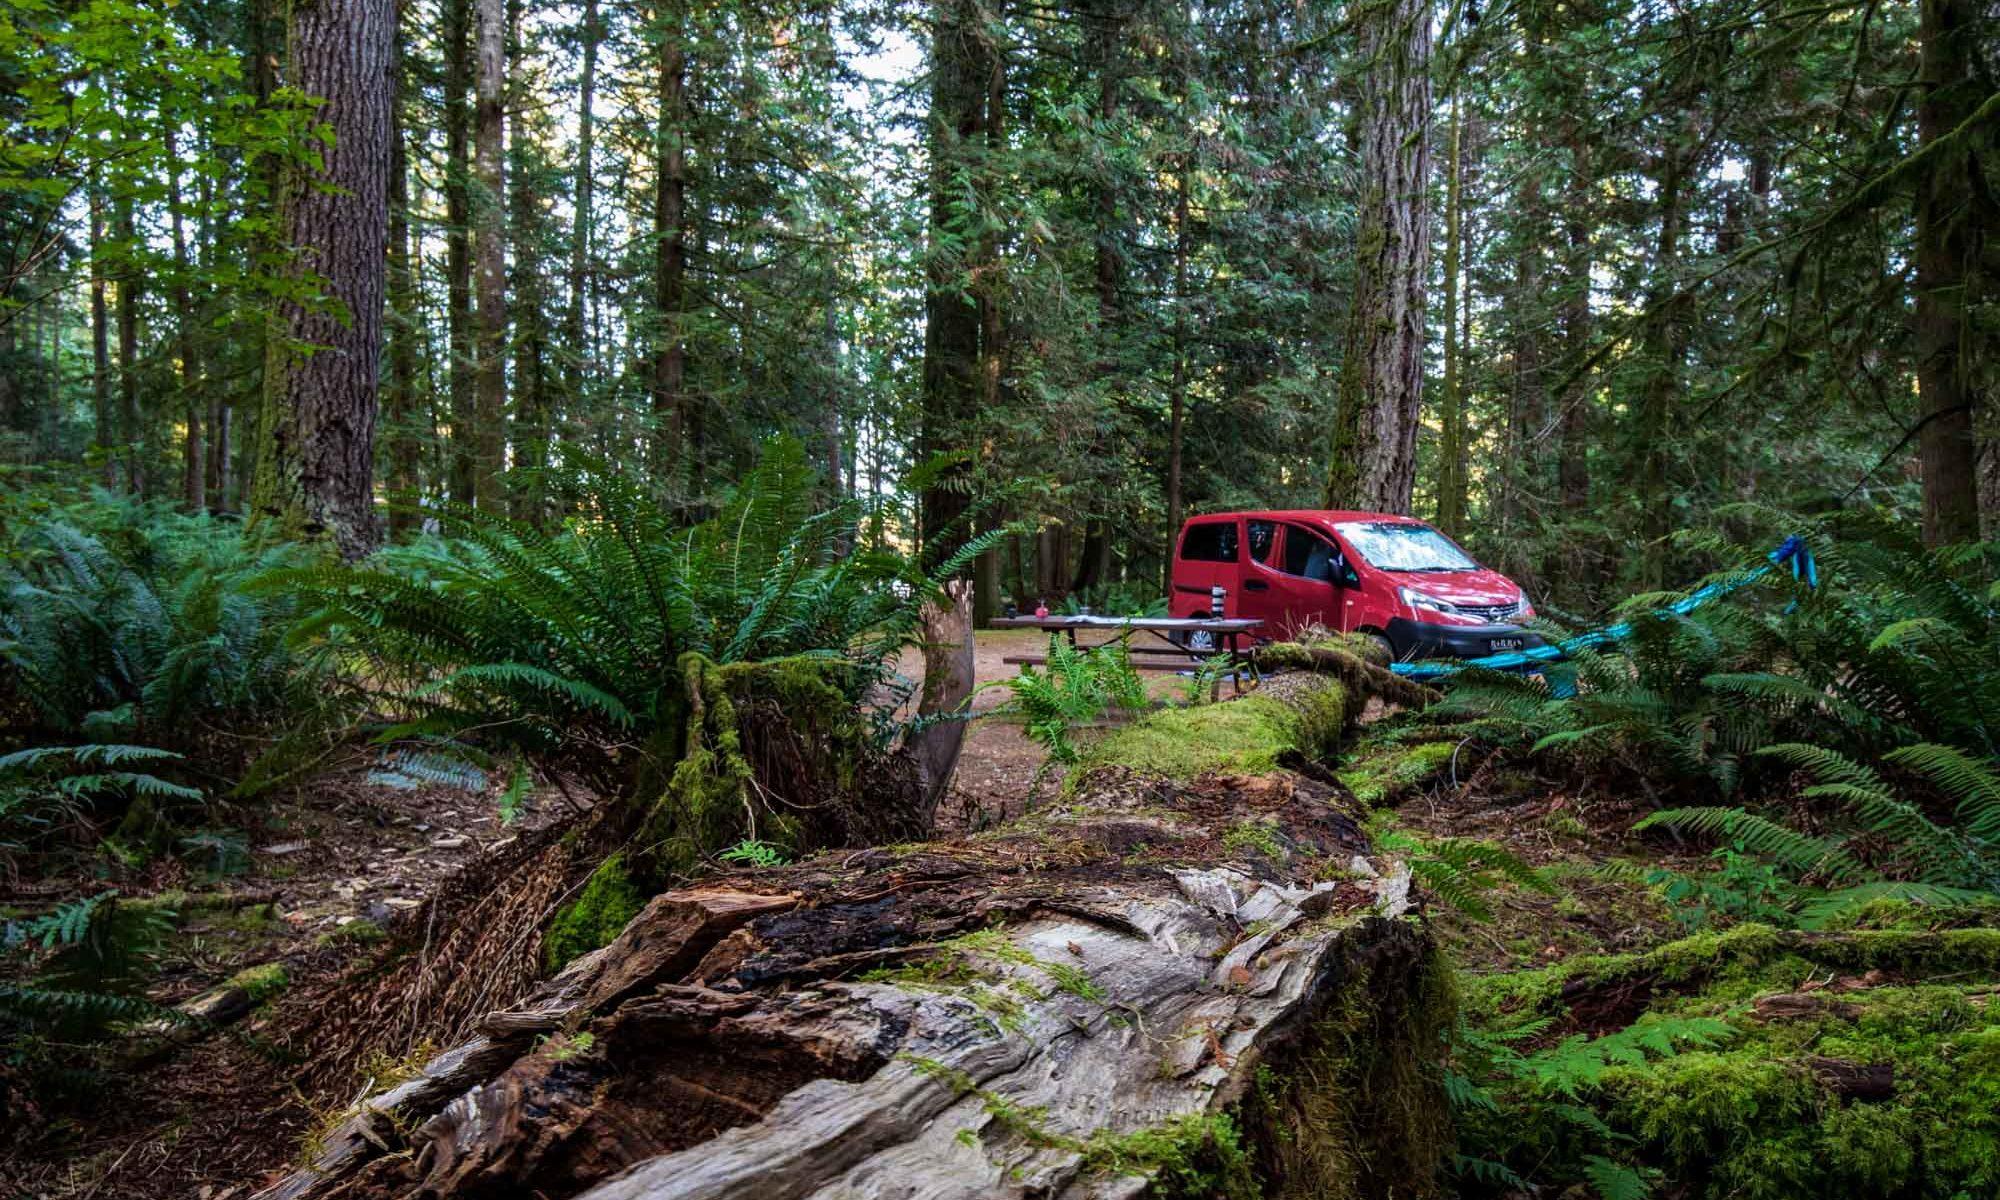 Unser Campervan im Regenwald von British Columbia.